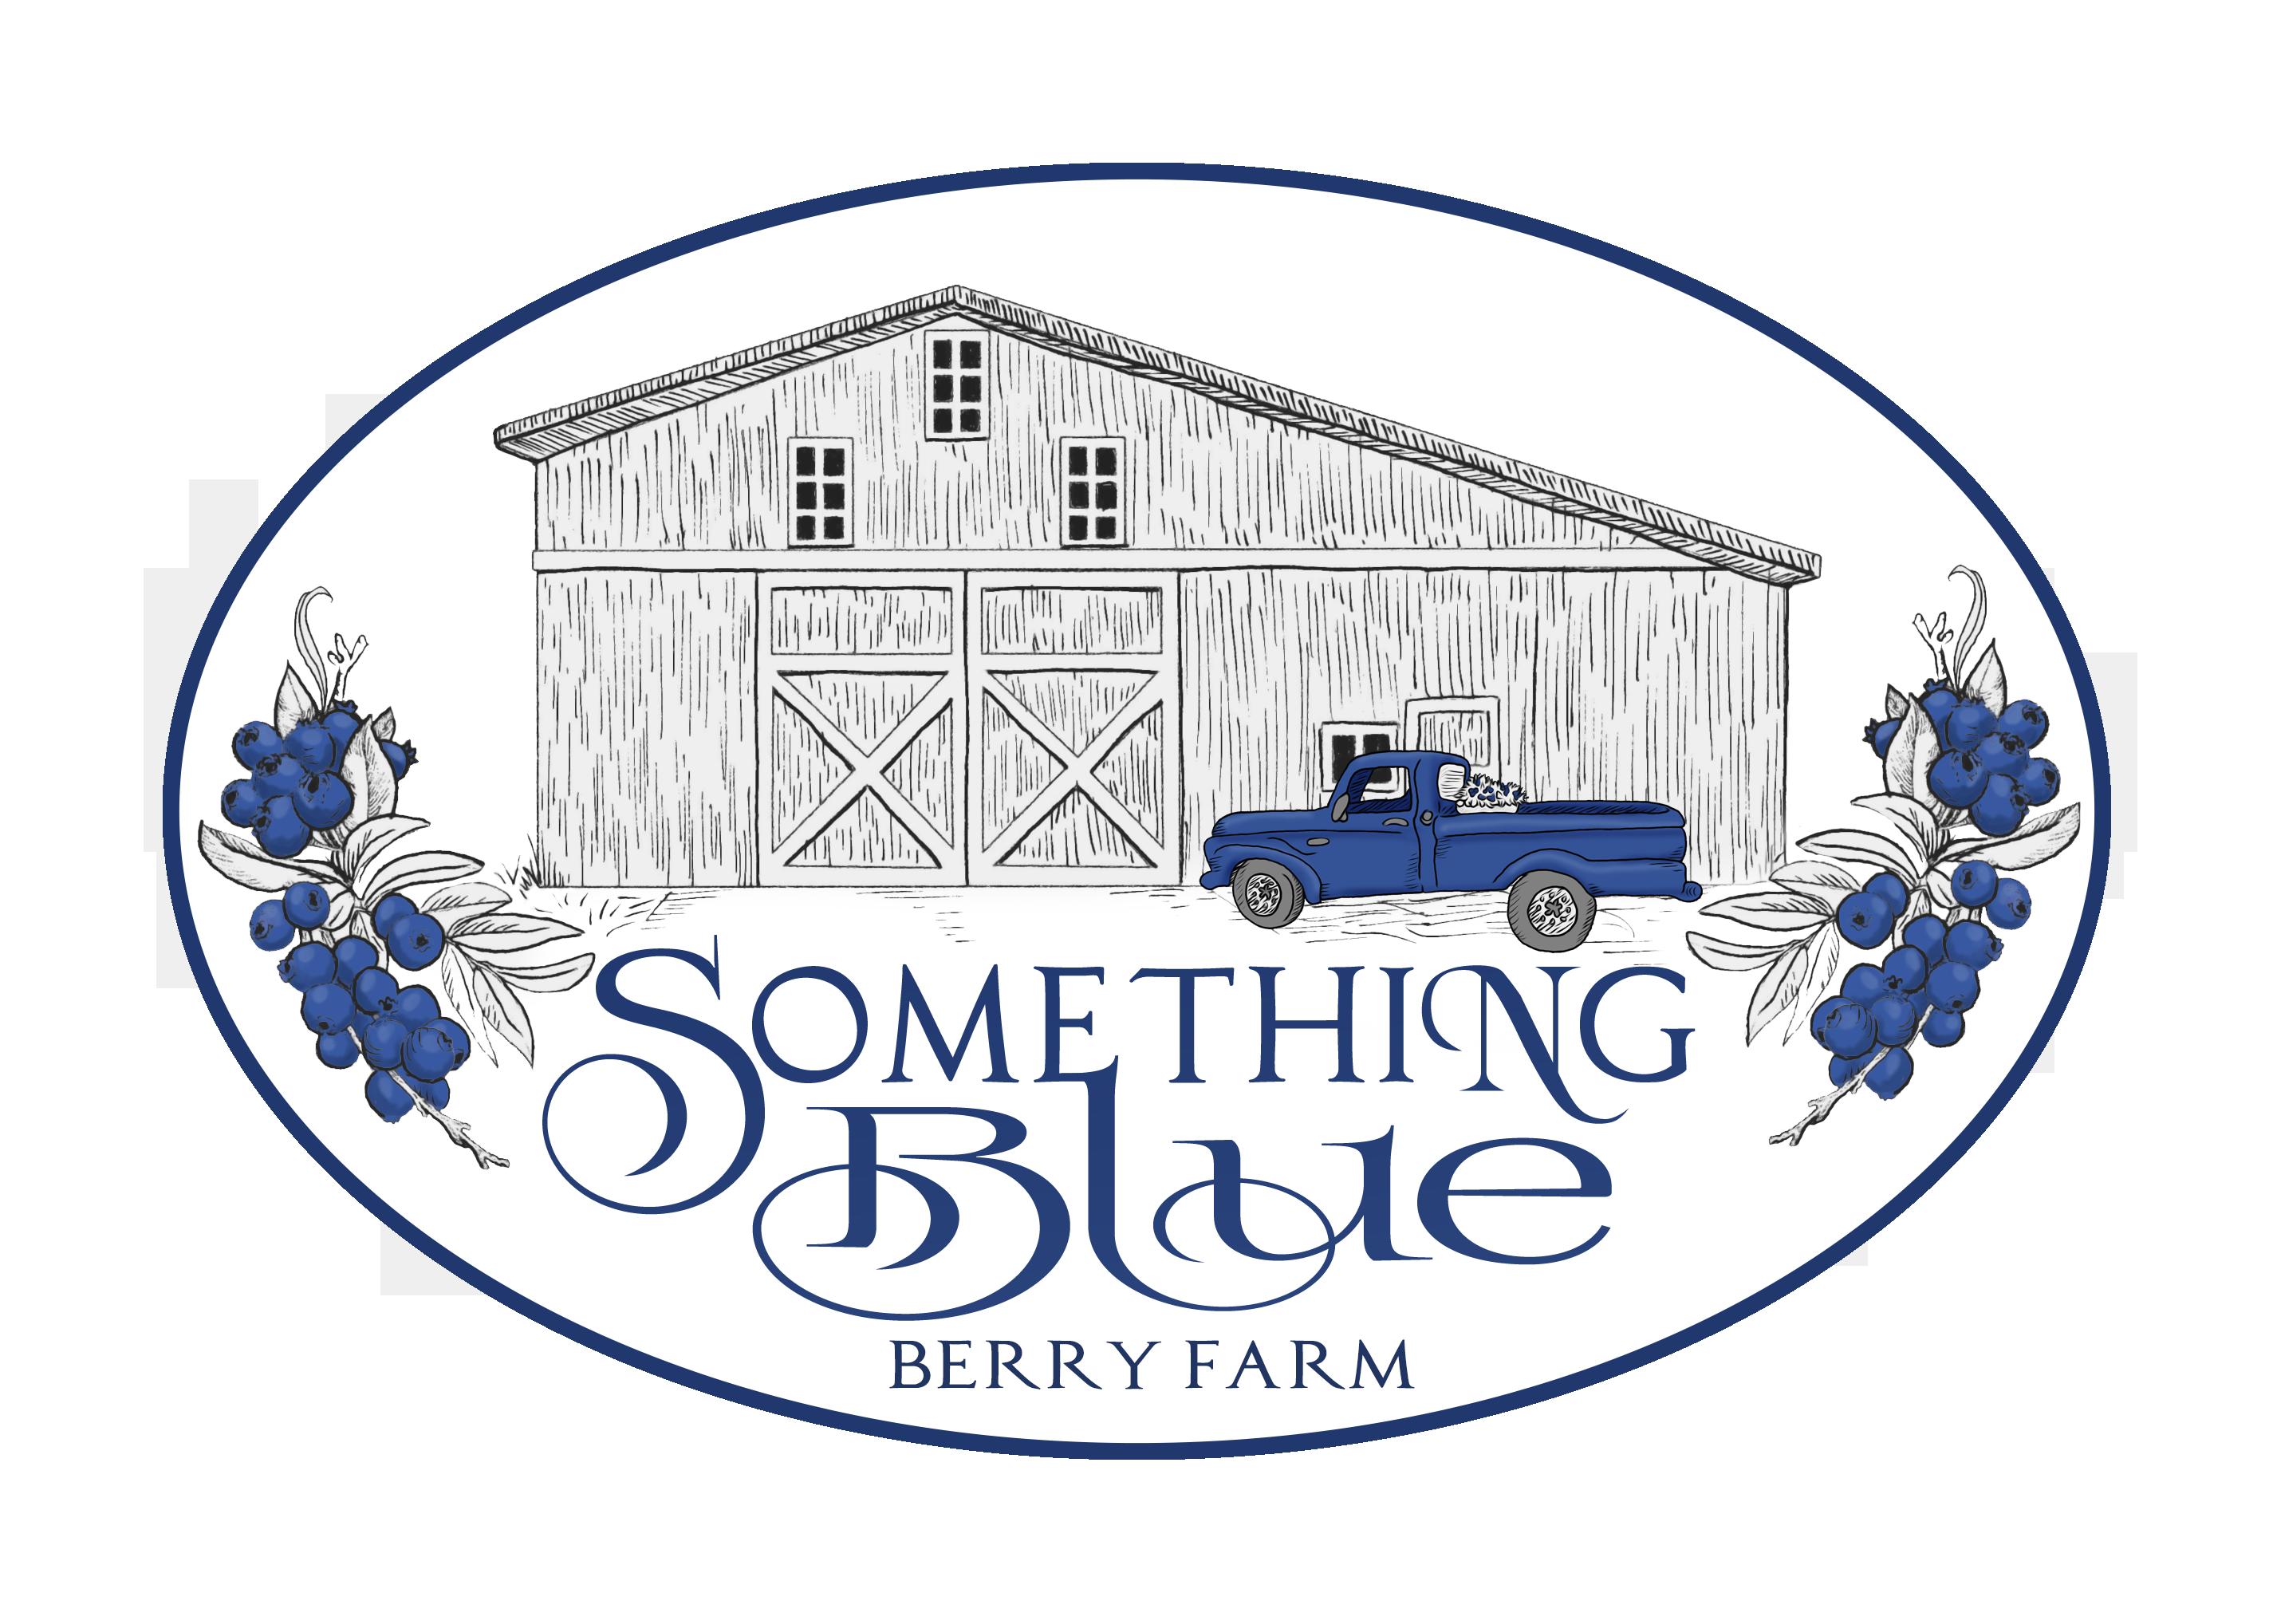 Something Blue Berry Farm Logo